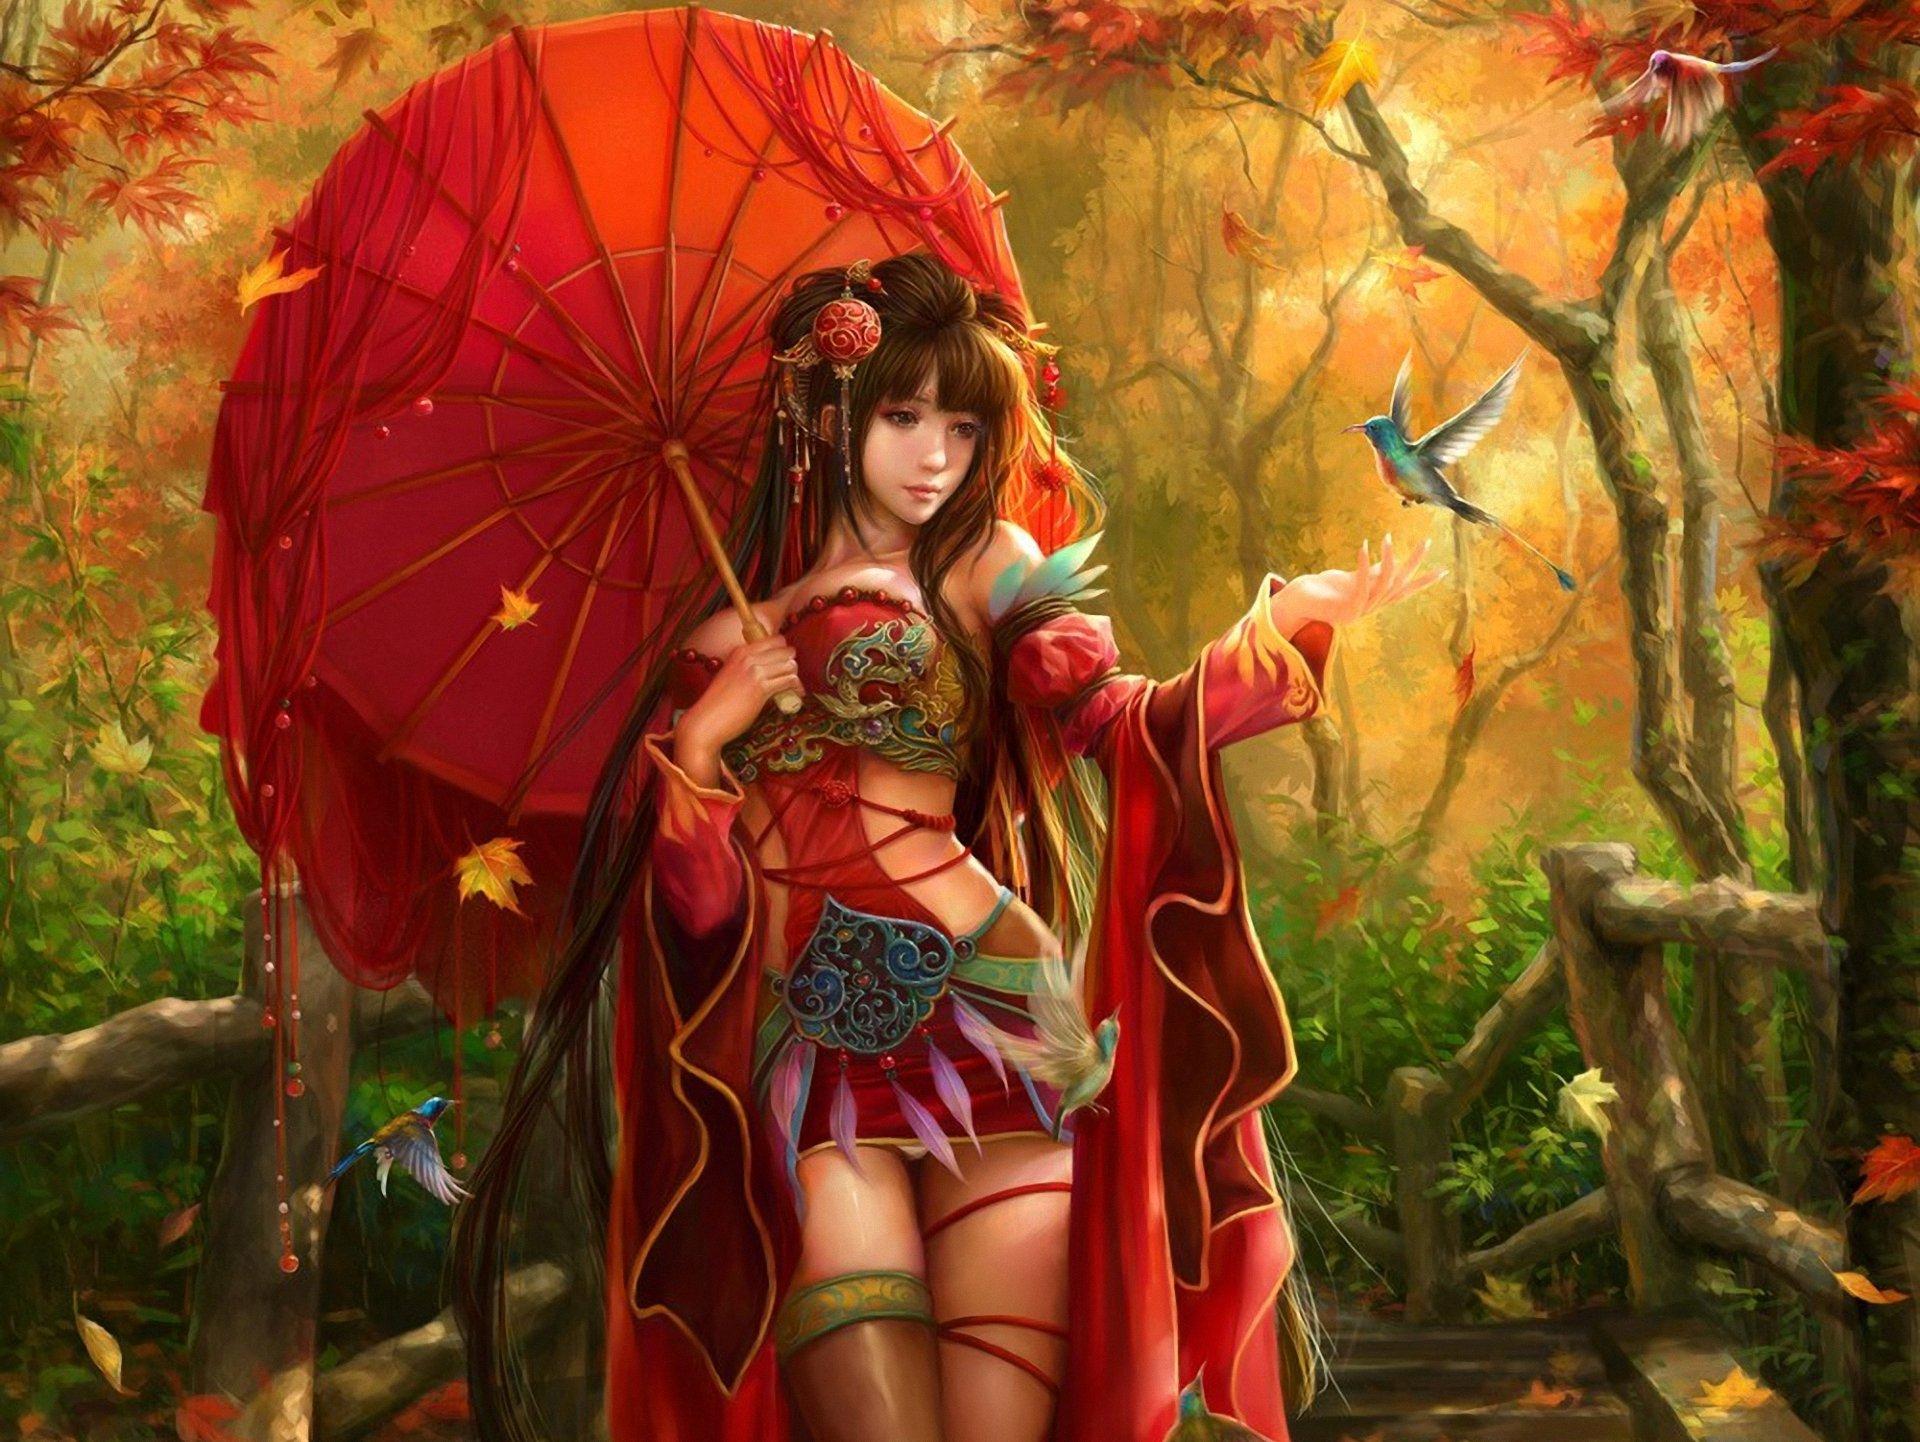 С зонтиком в лесу  № 3394203 загрузить